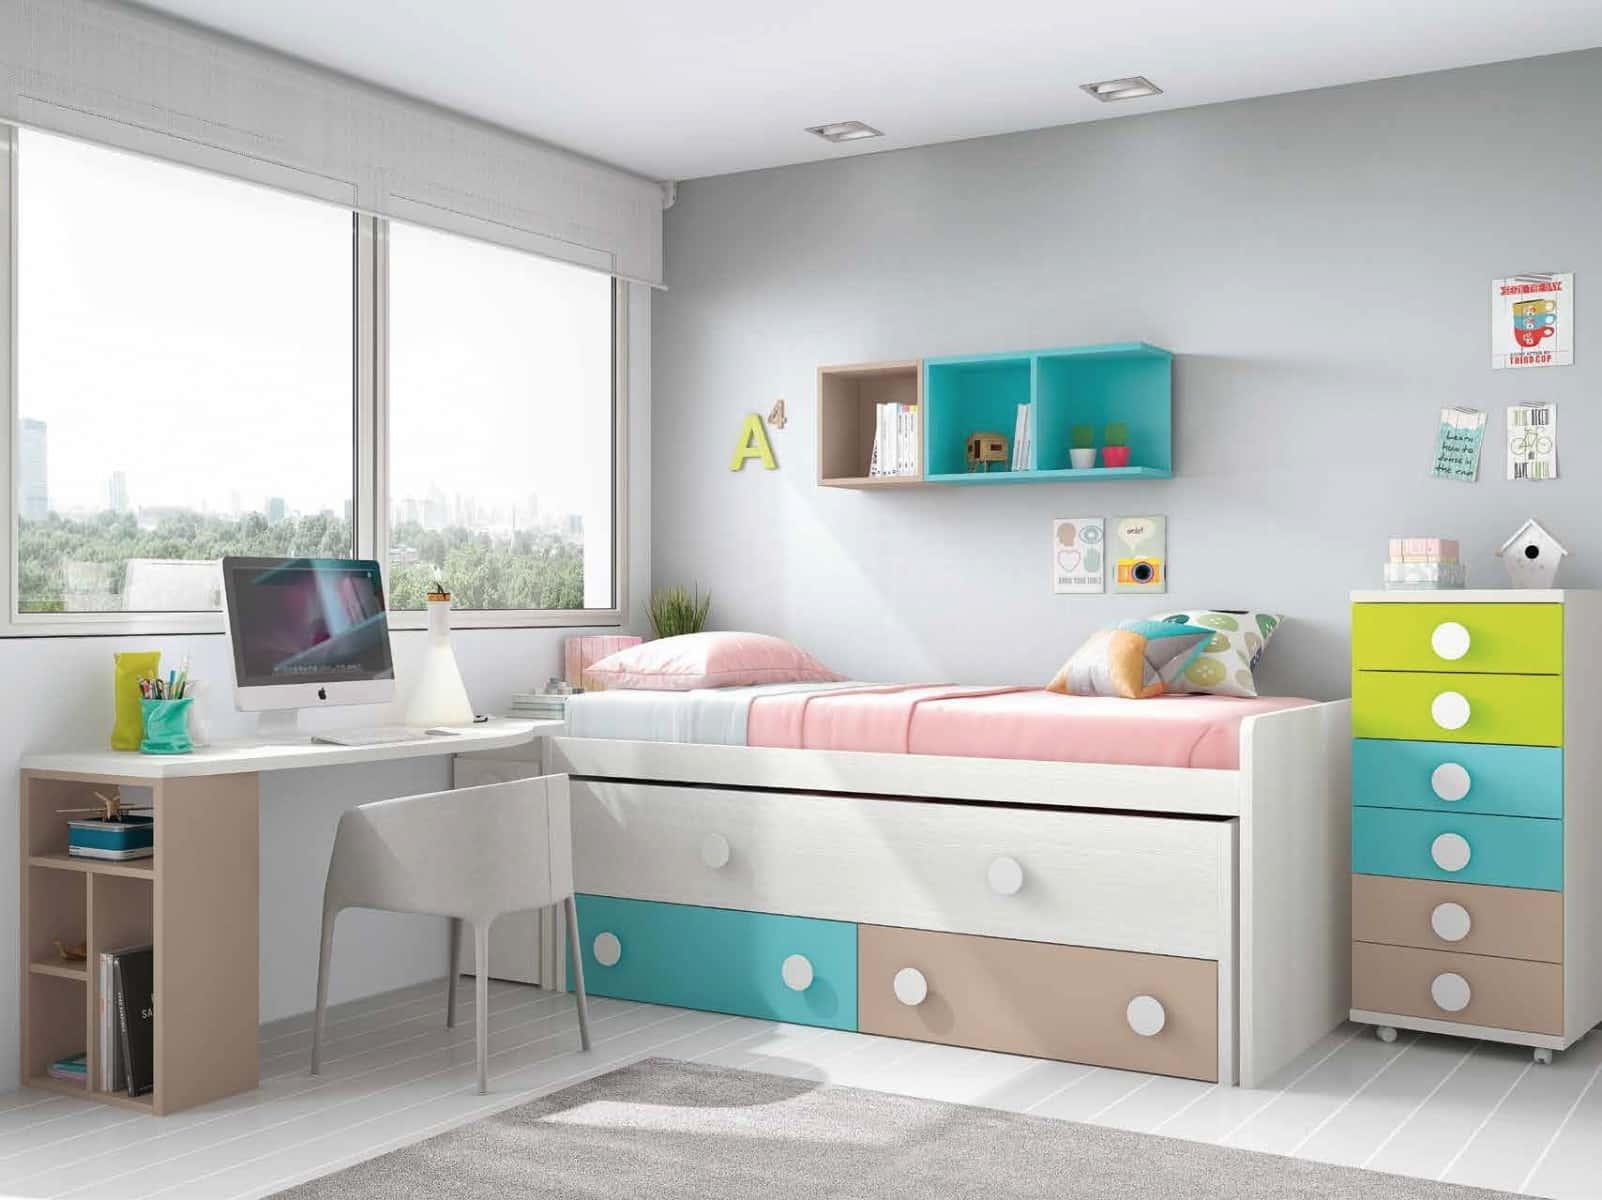 Dormitorios juveniles creativainteriorismoyreformas - Merkamueble habitaciones juveniles ...